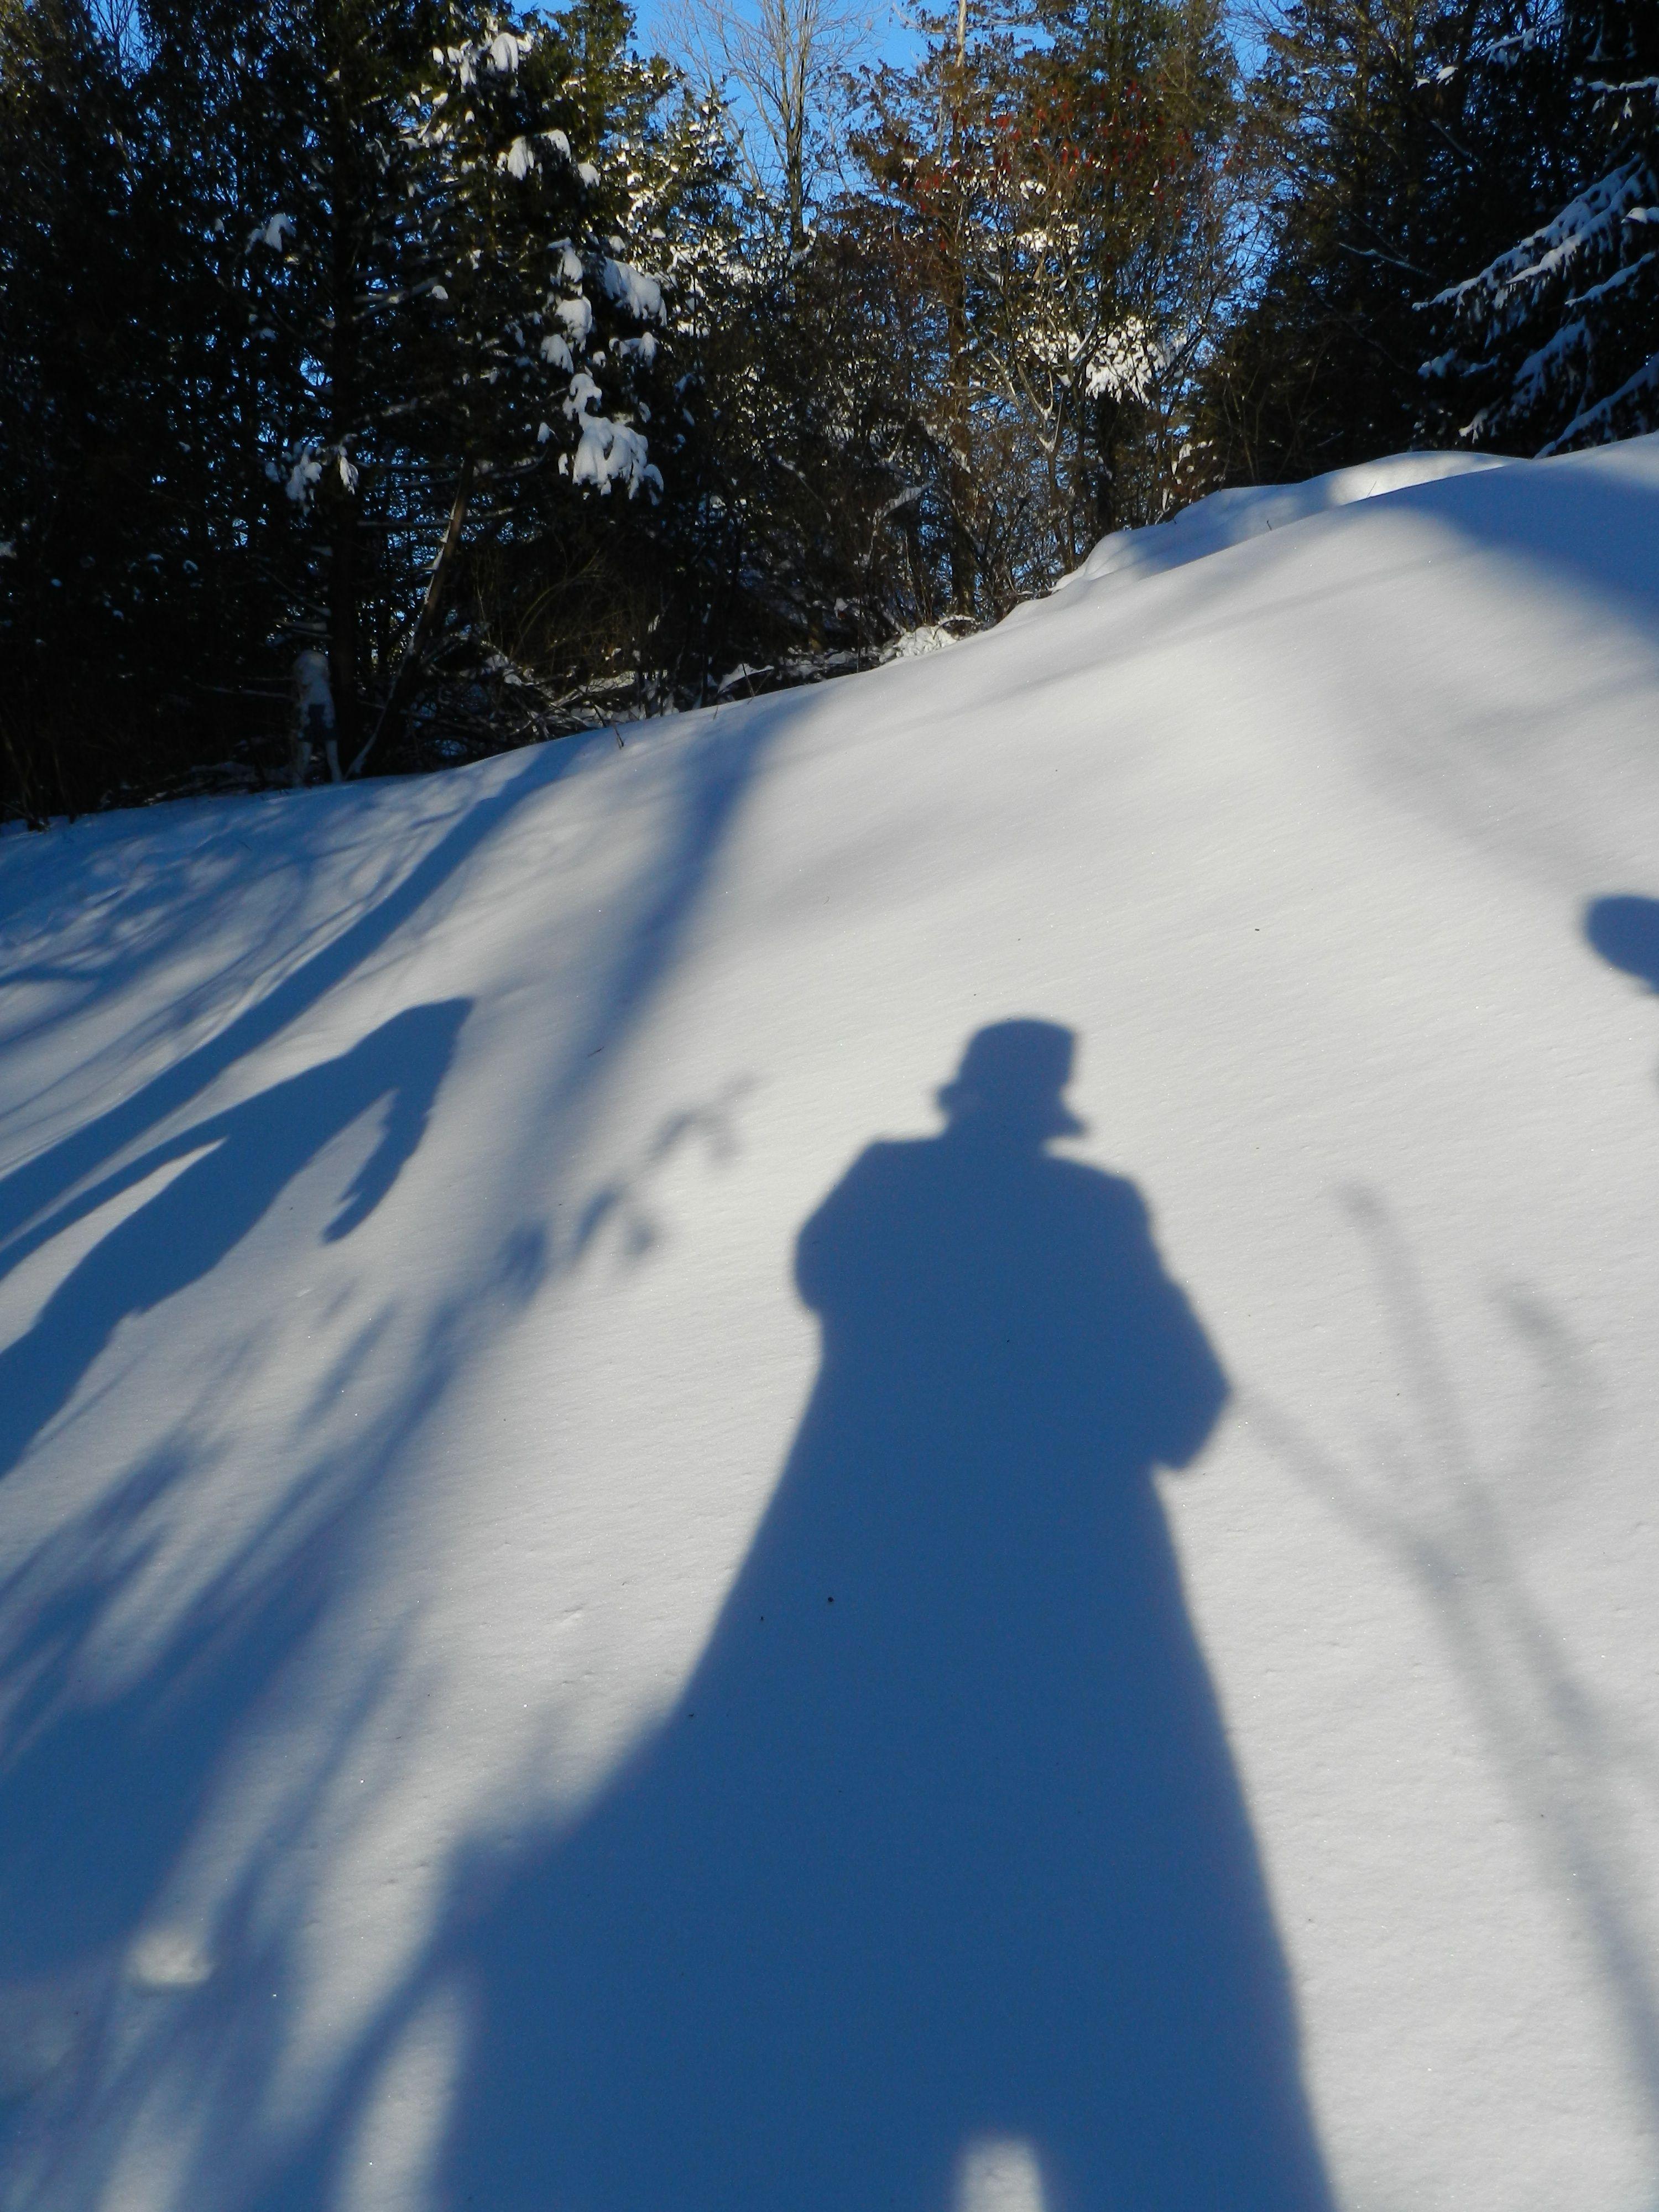 blue shadows on snow